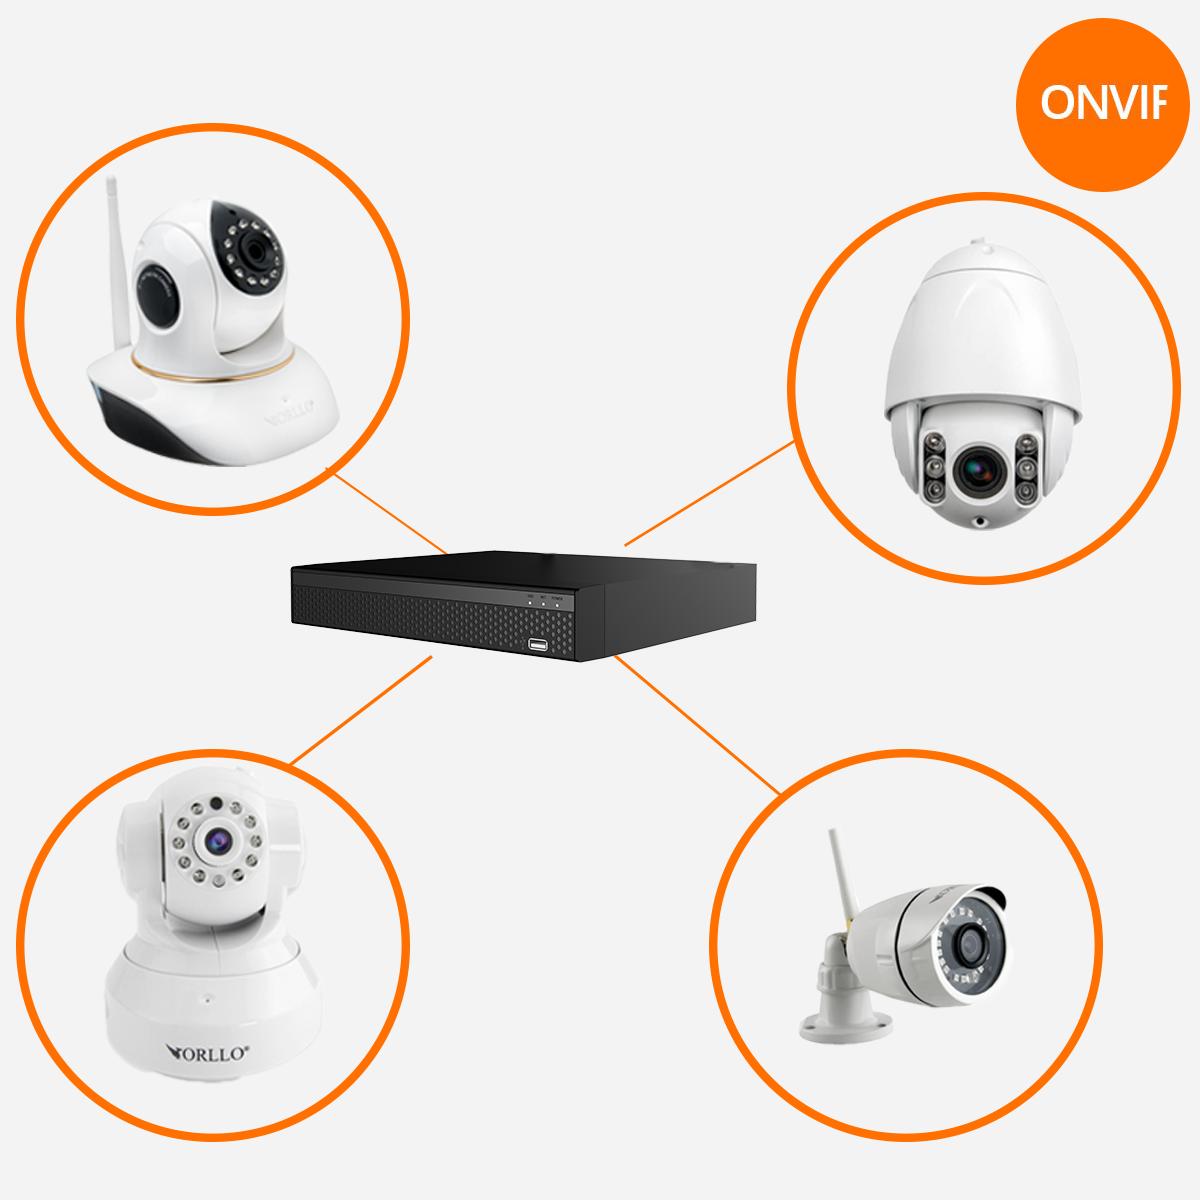 kamery monitoring domu orllo.pl